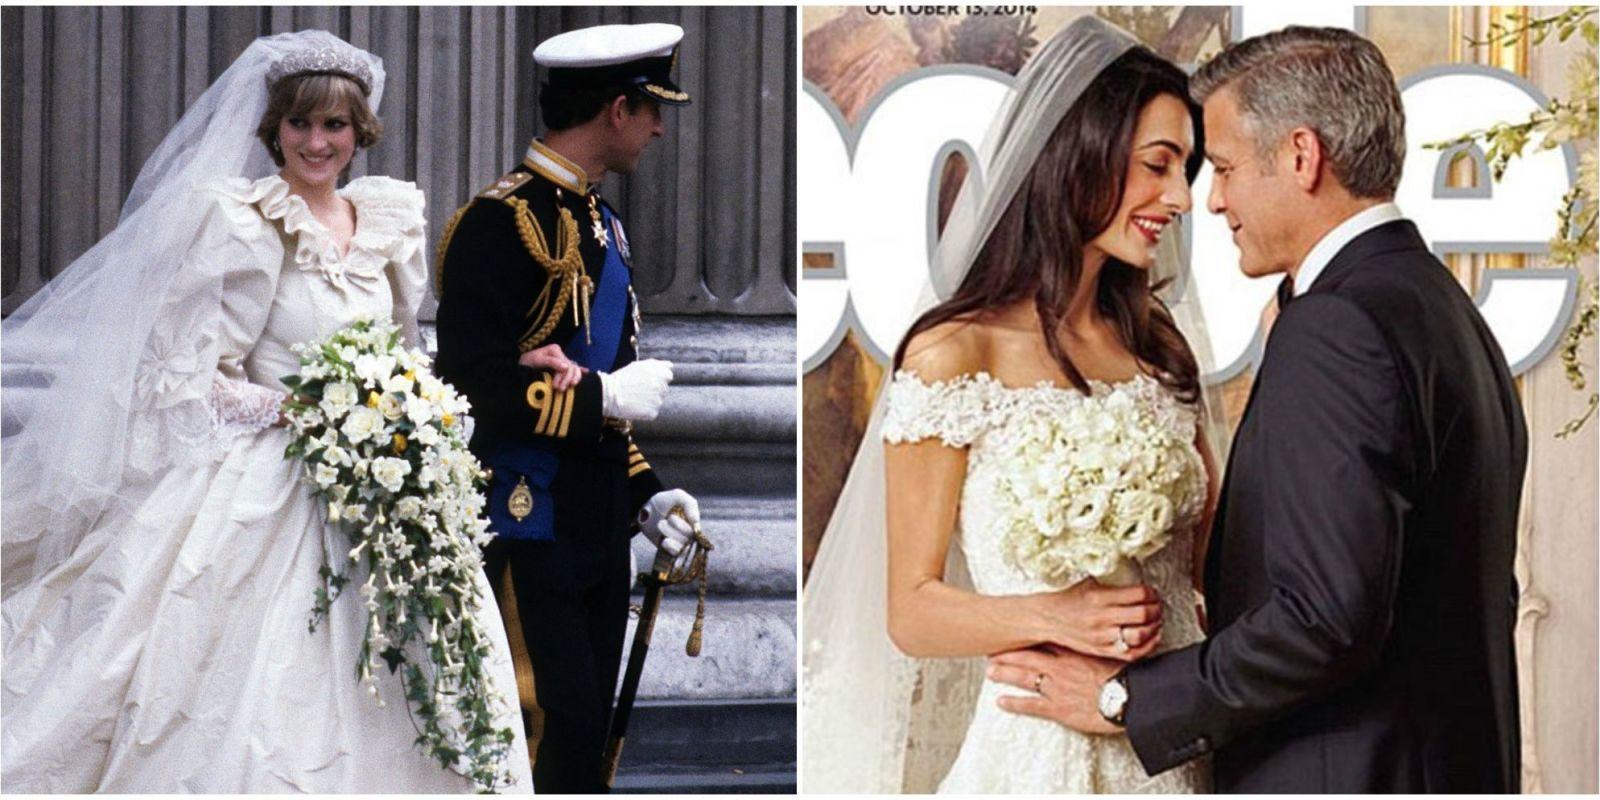 9,000+ Free Wedding & Bride Images - Pixabay